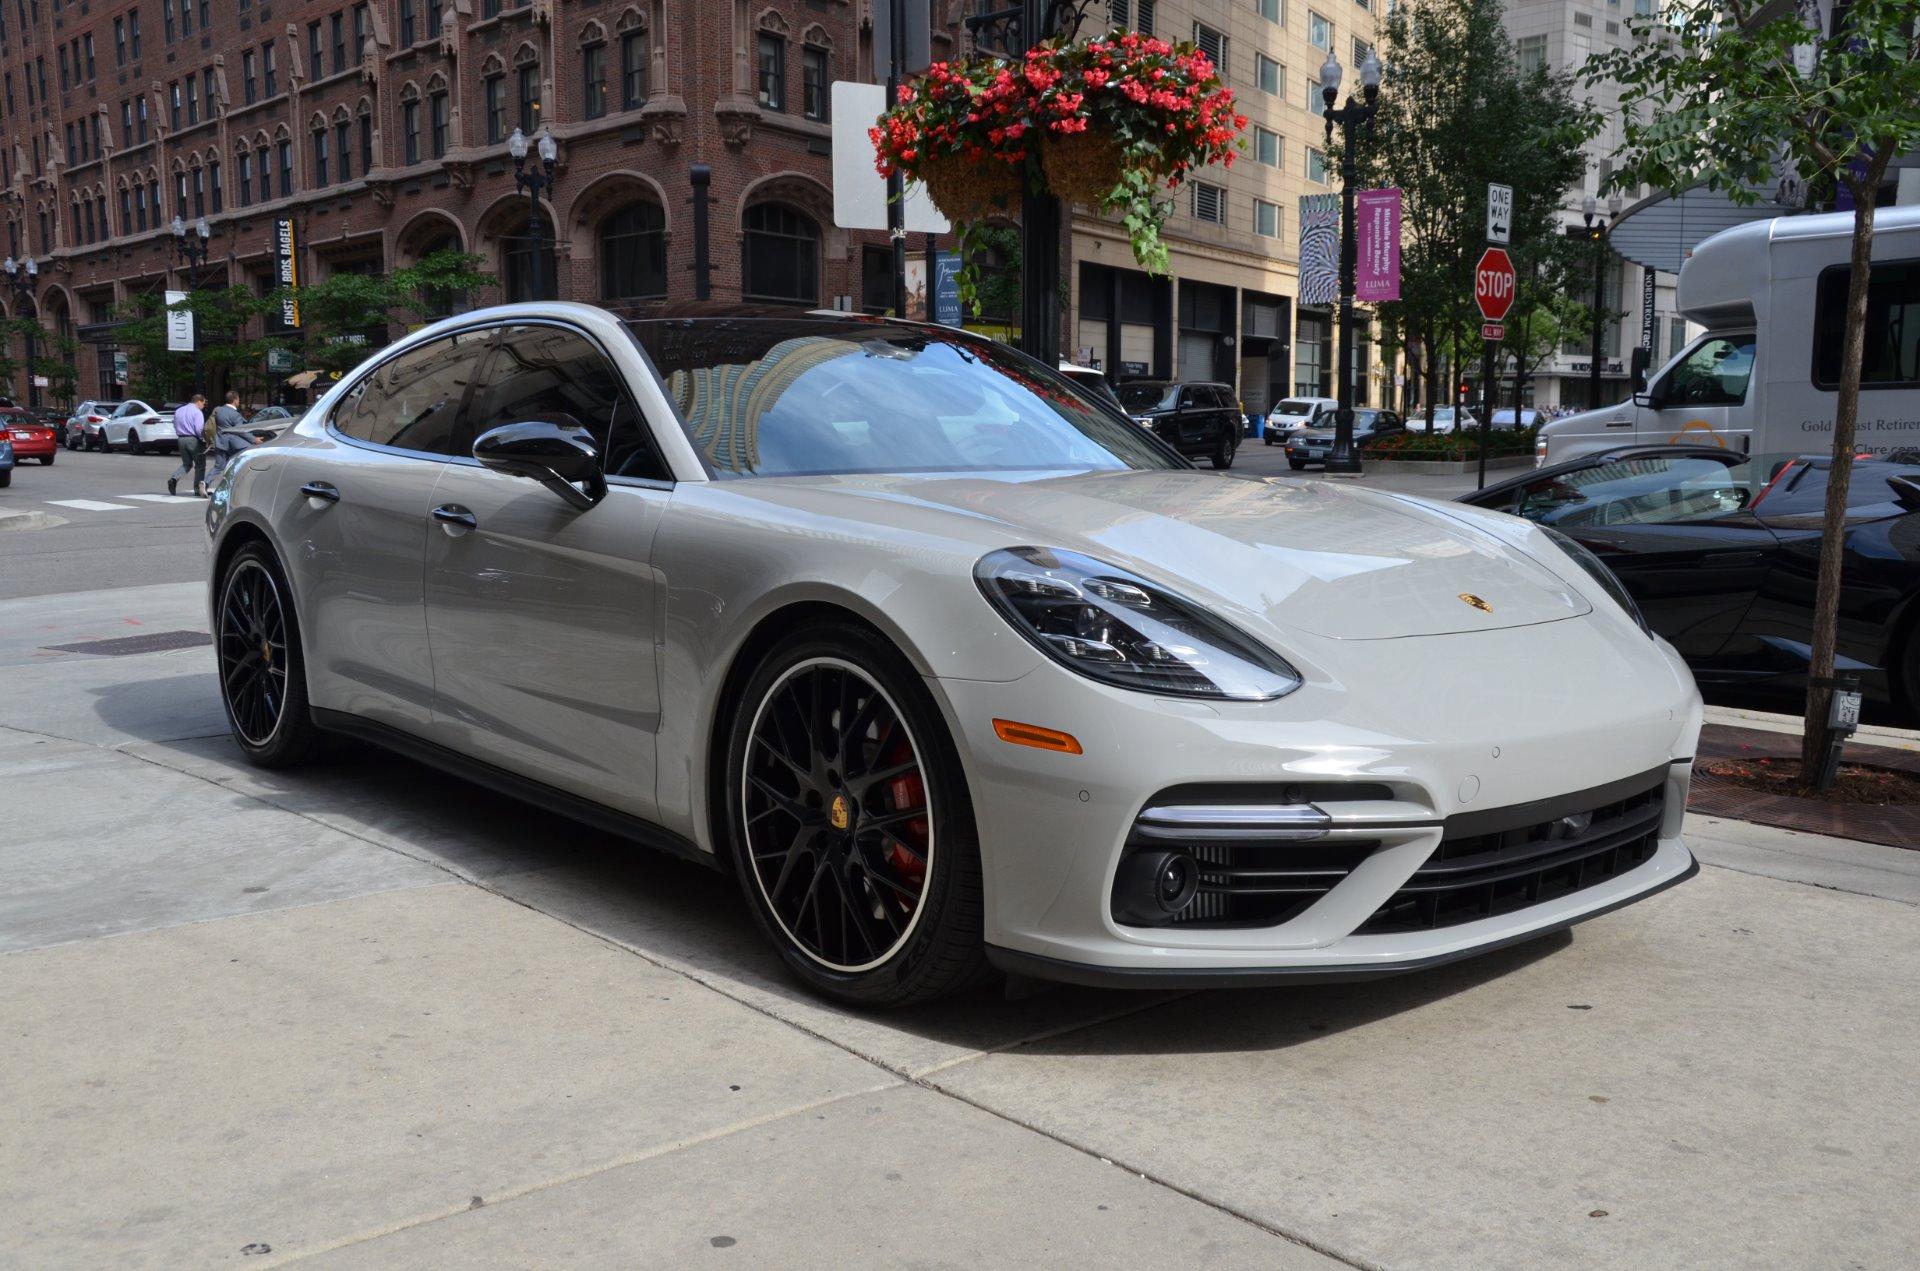 2017 Porsche Panamera Turbo Stock # B966A for sale near Chicago, IL